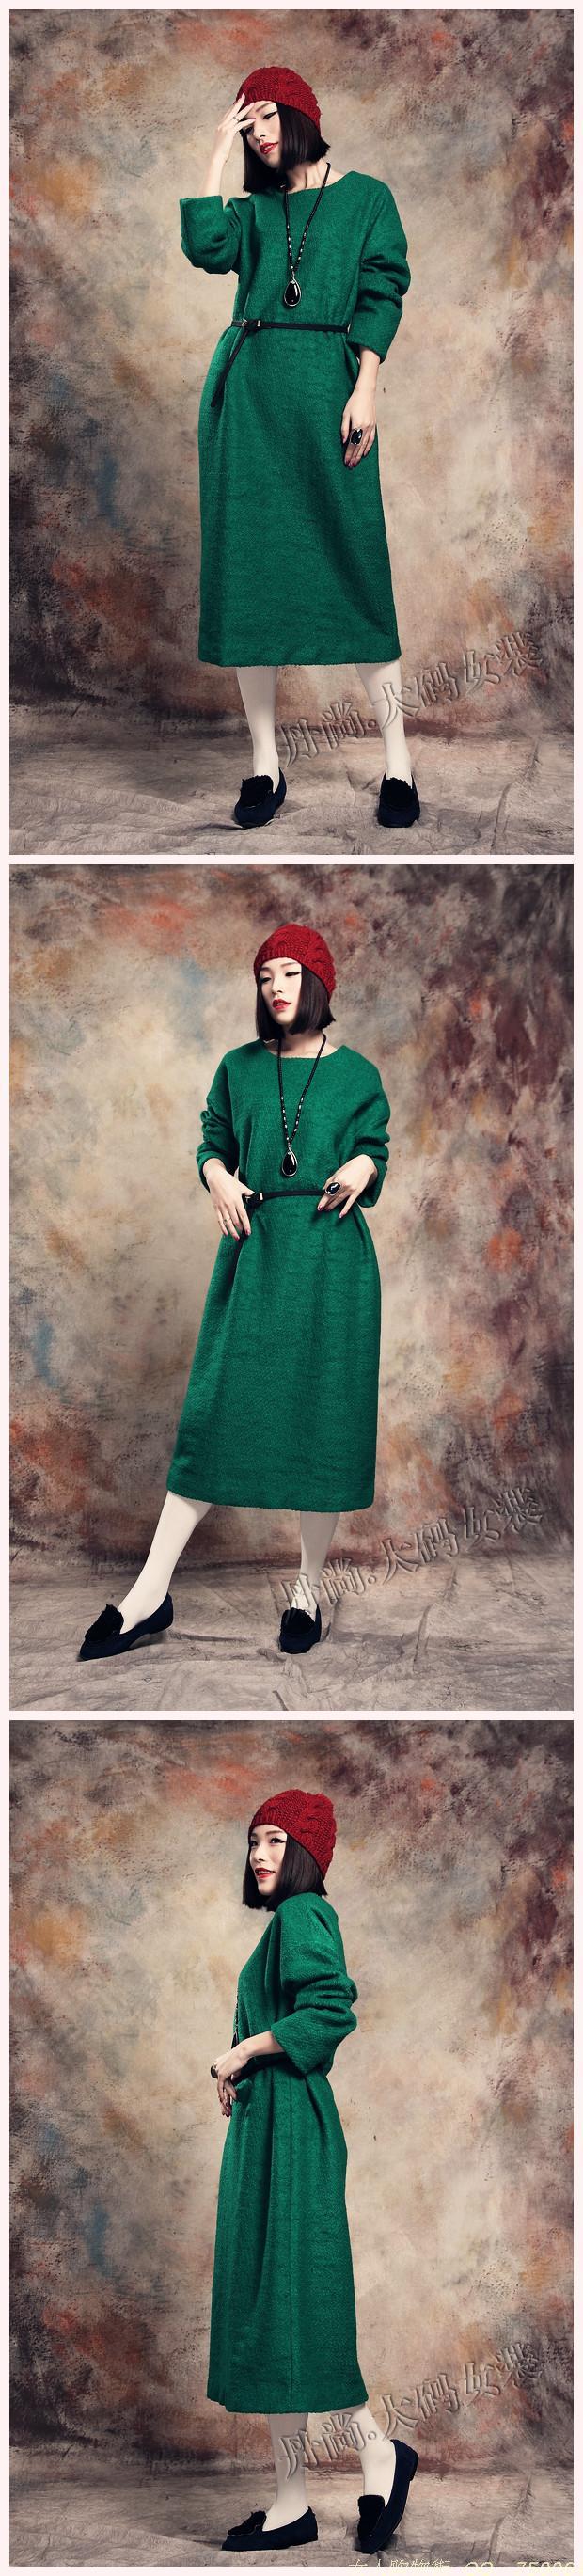 冬款复古文艺羊毛呢子蝙蝠袖宽松大码胖MM加长款连衣裙袍子裙绿色-淘宝网